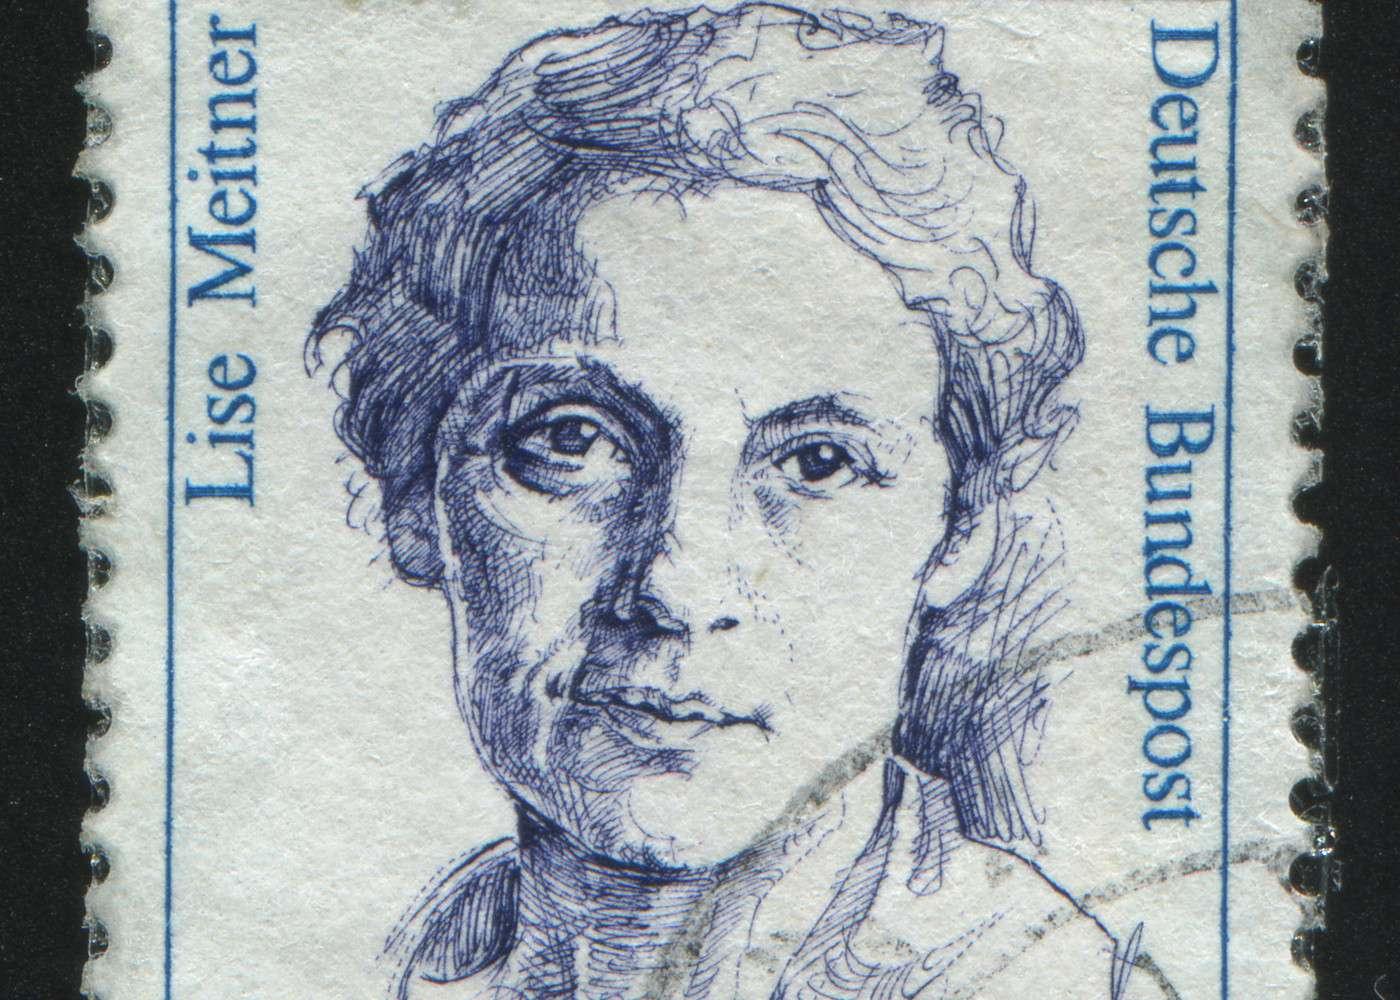 Le meitnérium tient son nom de Lise Meitner. © rook76, Shuterstock